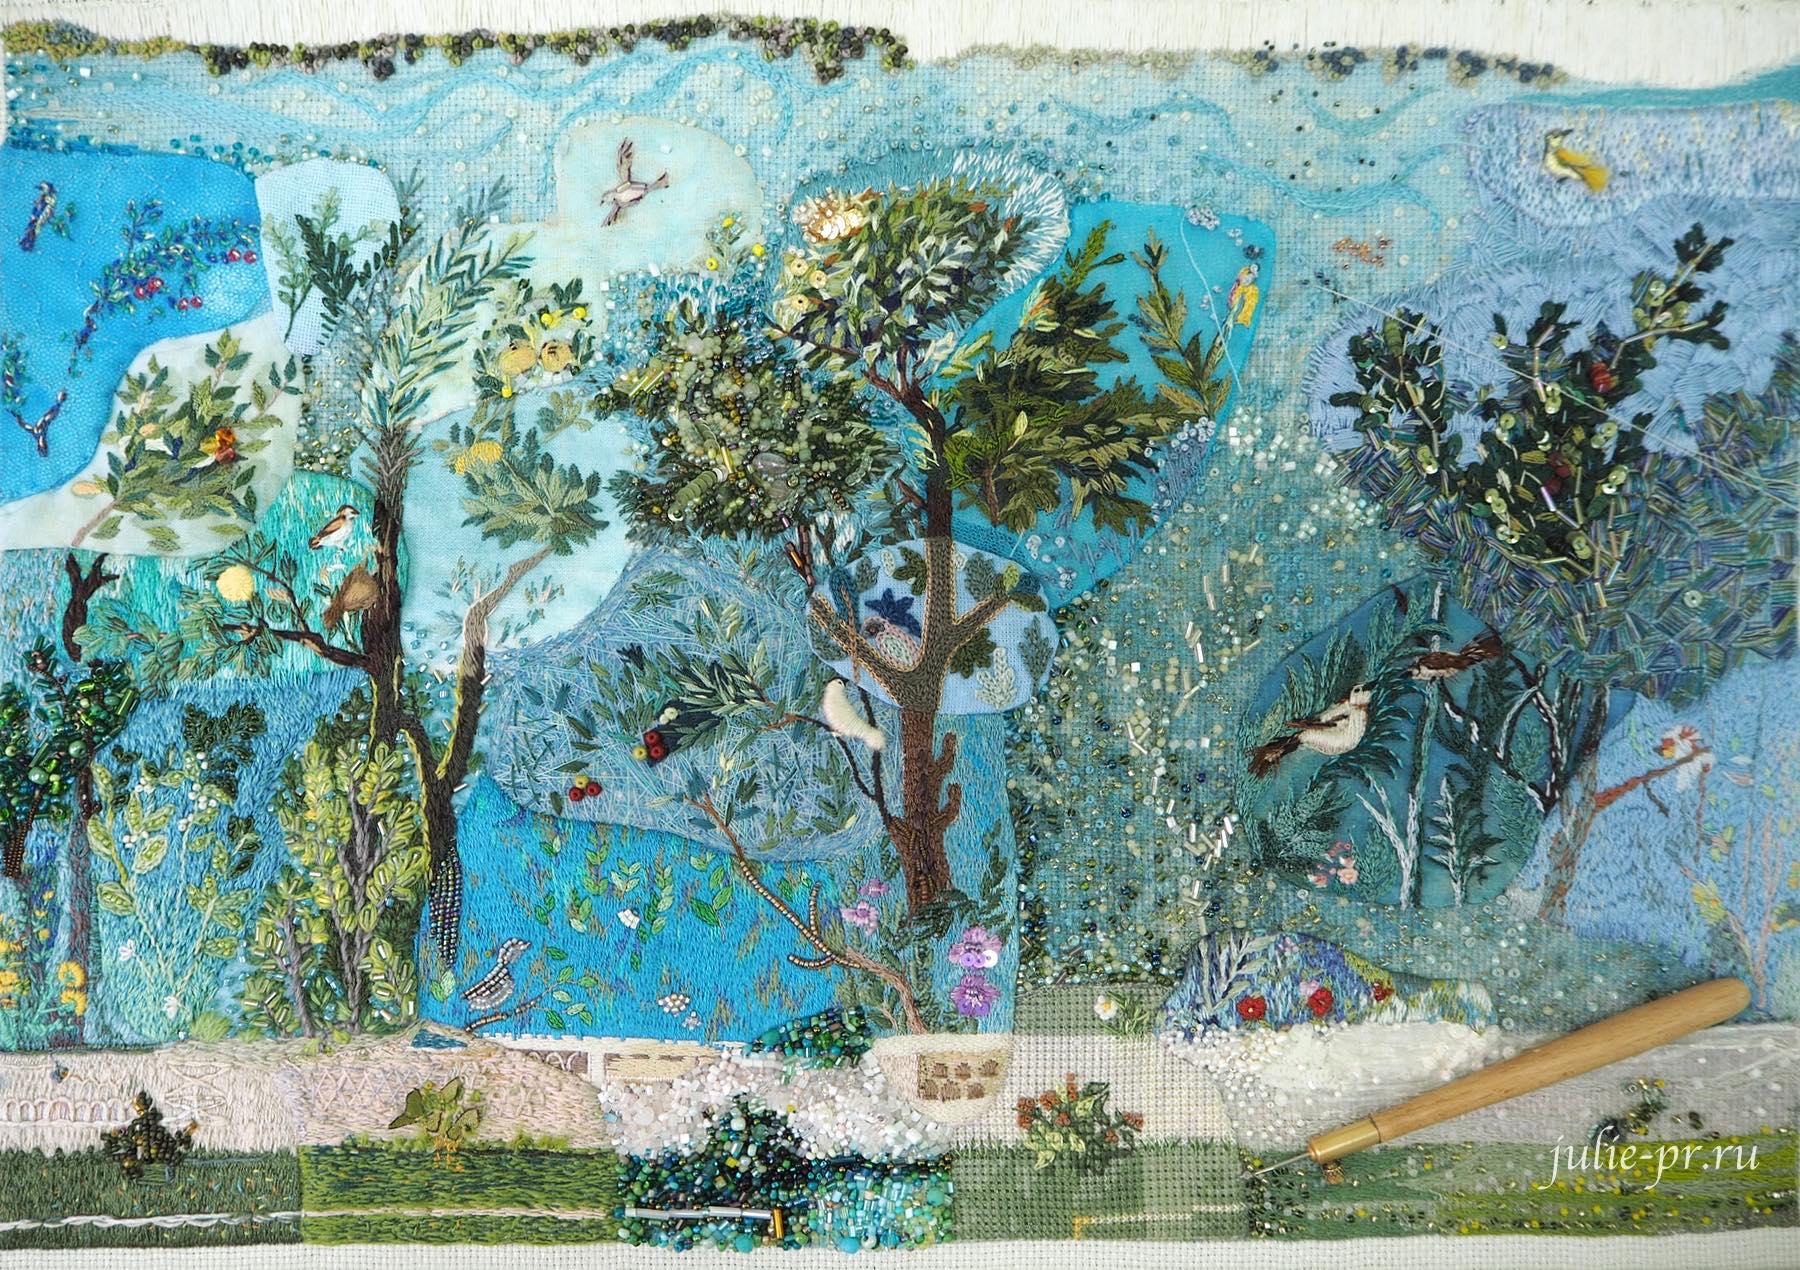 Сад Ливии, фреска, Катерина Мороз, кутюрная вышивка, совместный проект, вышивка бисером, вышивка гладью